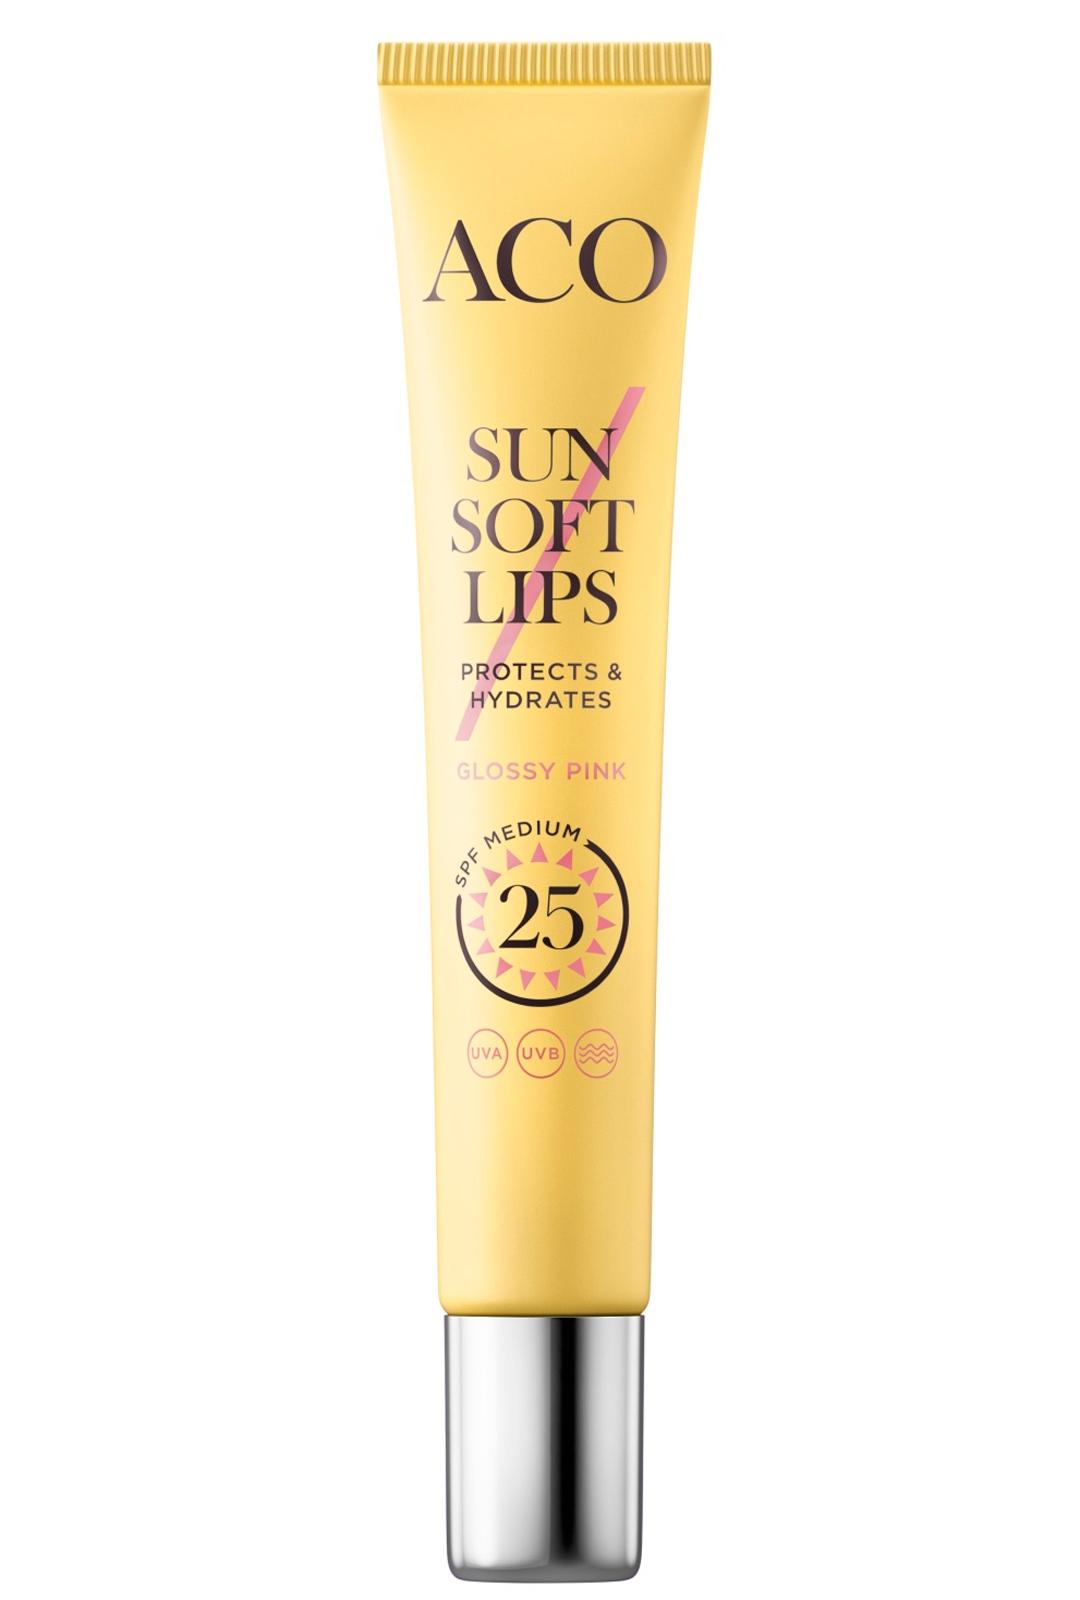 ACOn huulikiilto antaa aurinkosuojan lisäksi huulille myös kauniin hohteen, 9,90 €/12 ml.